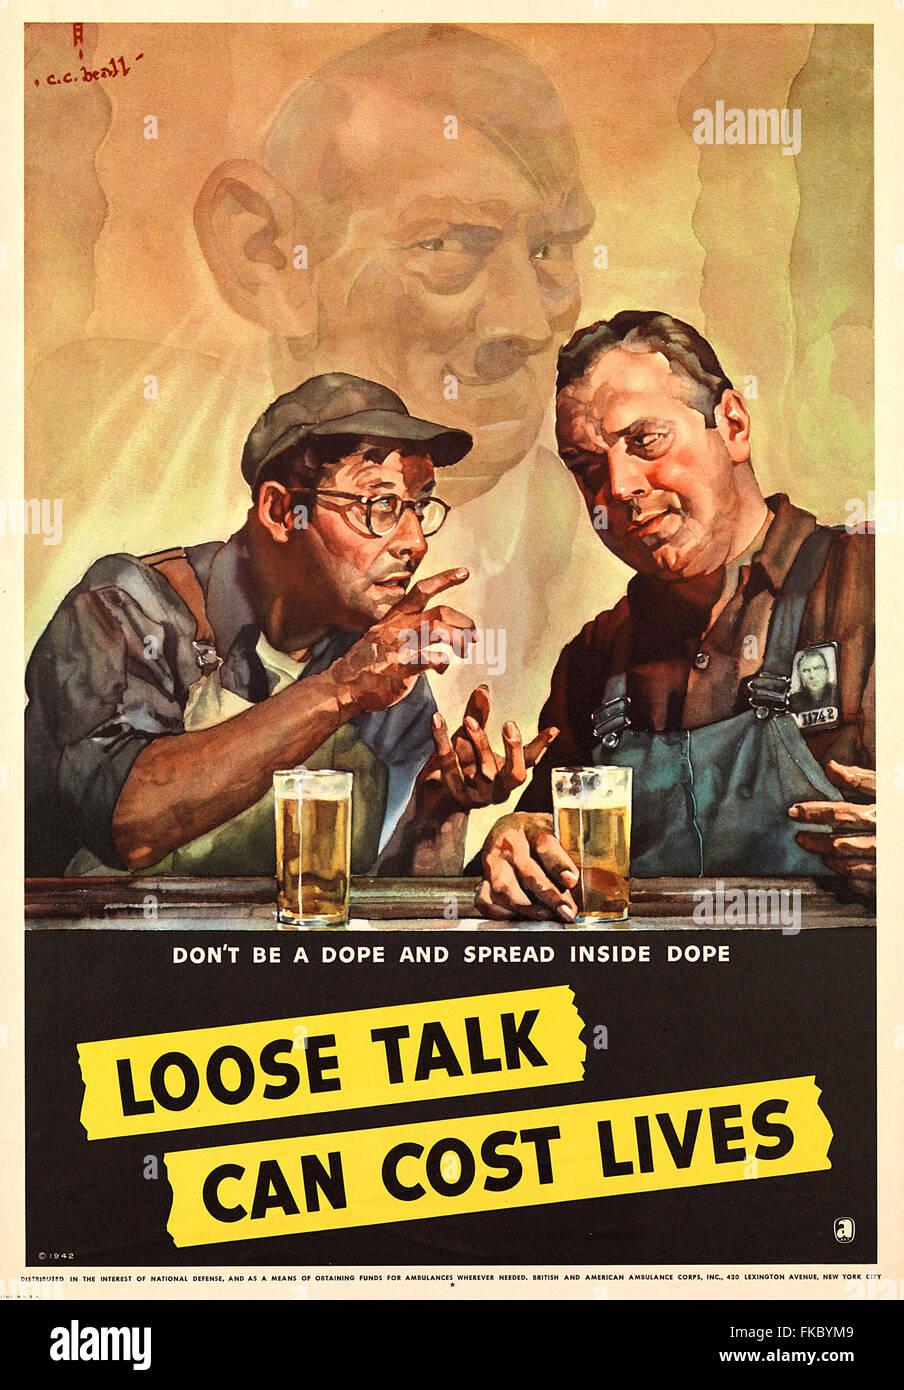 1940s USA British & American Ambulance Corps Magazine Advert - Stock Image